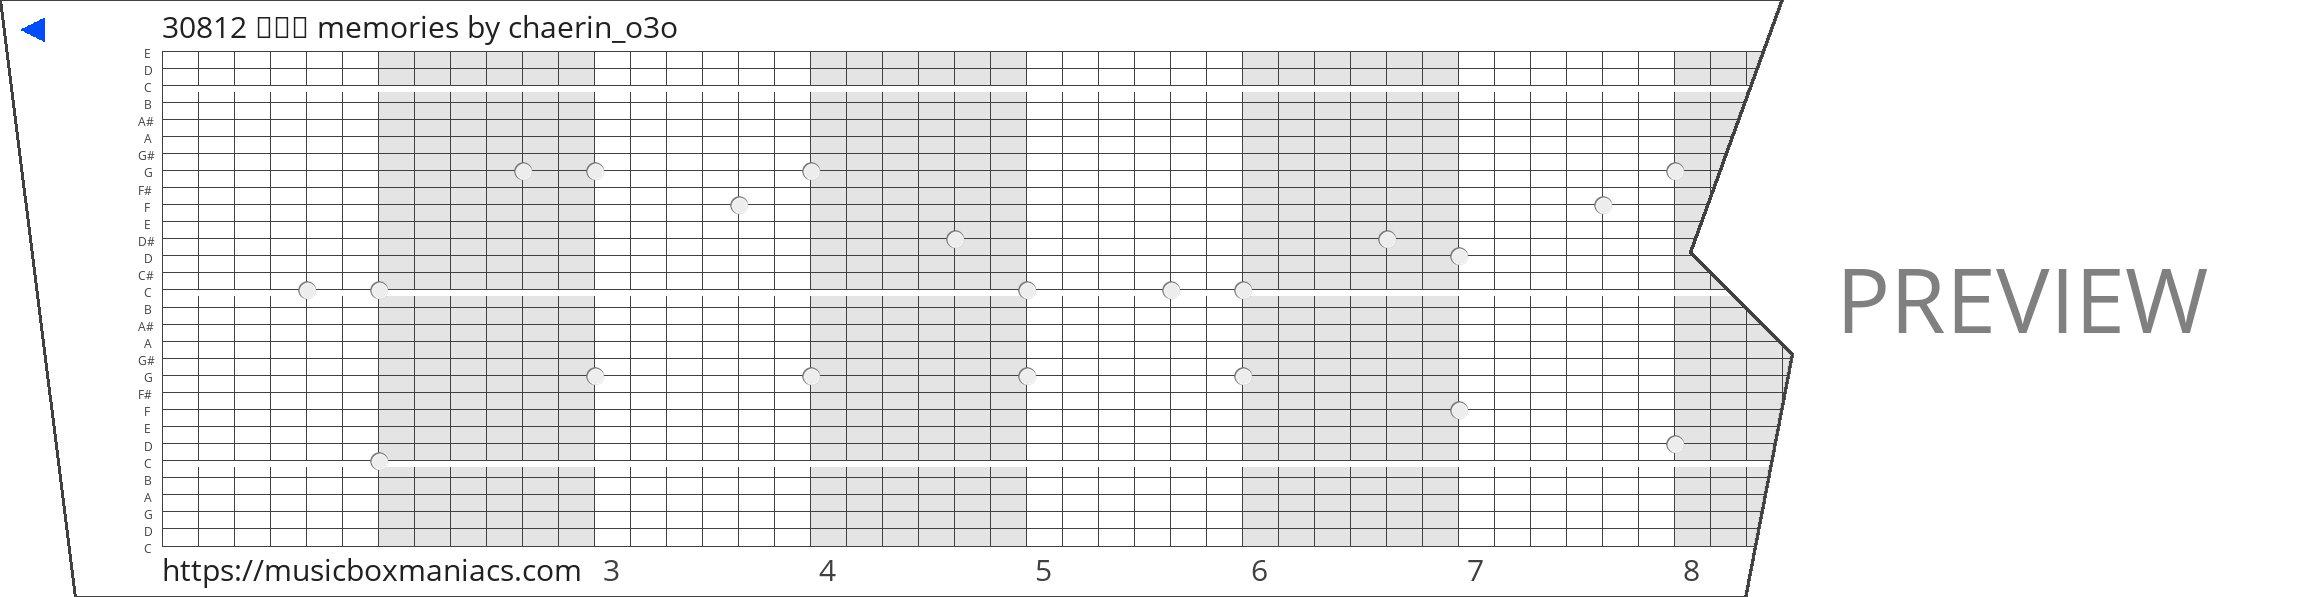 30812 김채린 memories 30 note music box paper strip